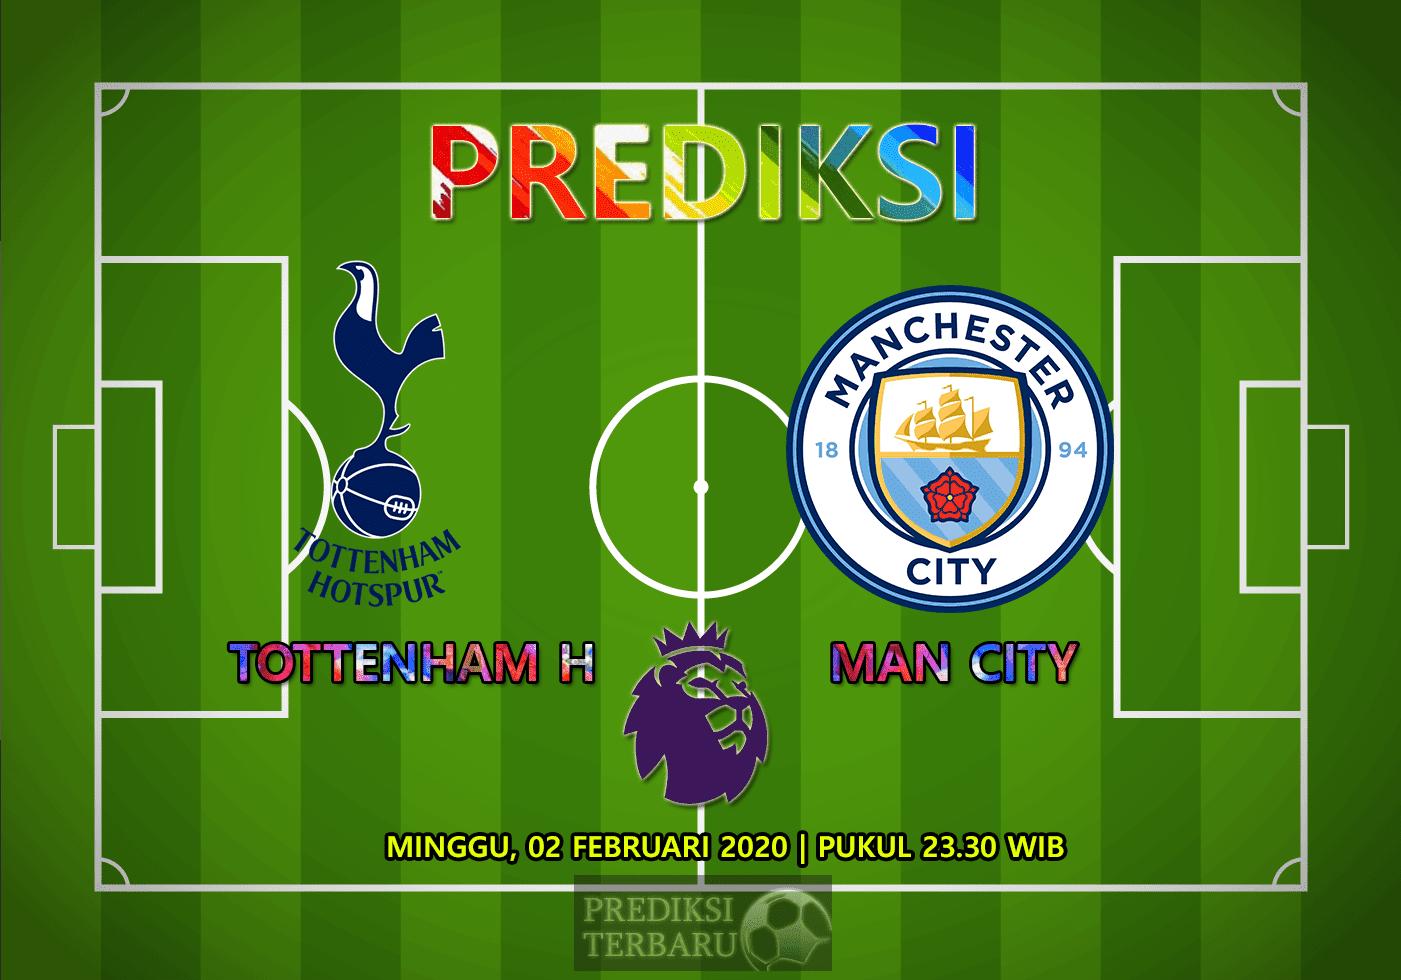 Prediksi Tottenham Hotspur Vs Manchester City 02 Februari